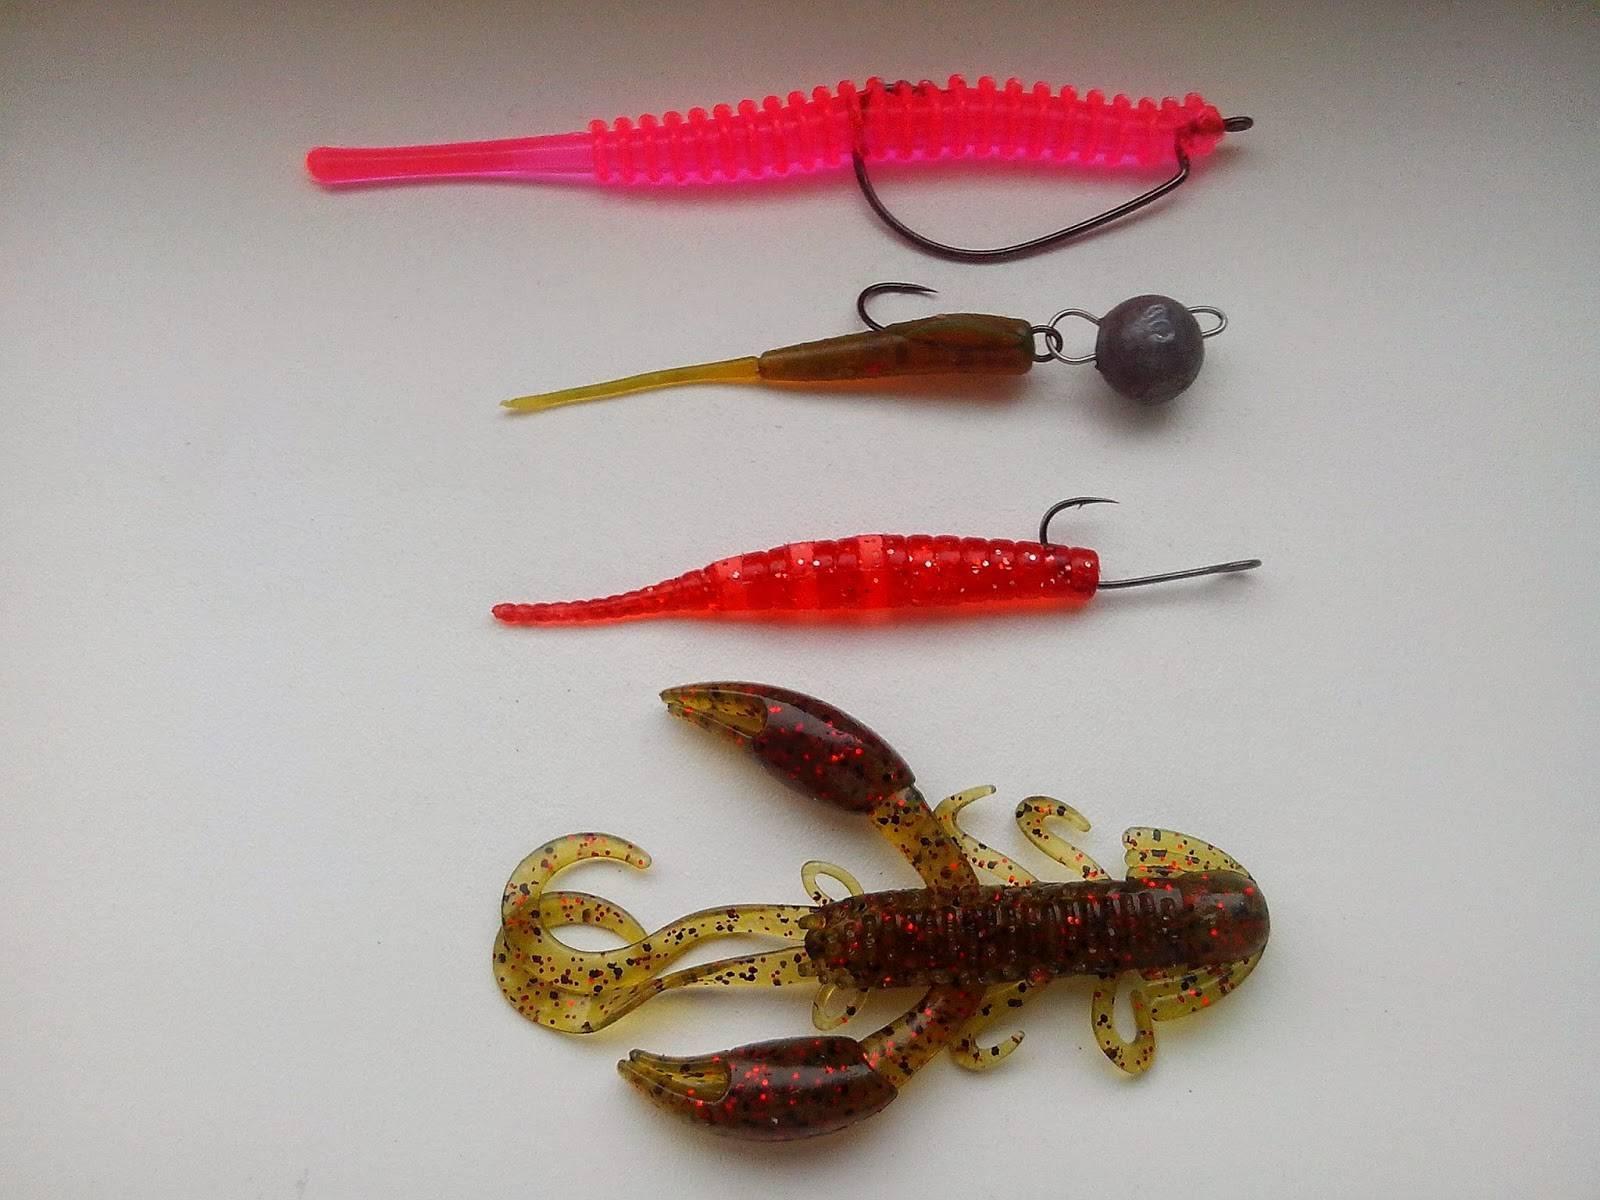 Ловля окуня на джиг - читайте на сatcher.fish